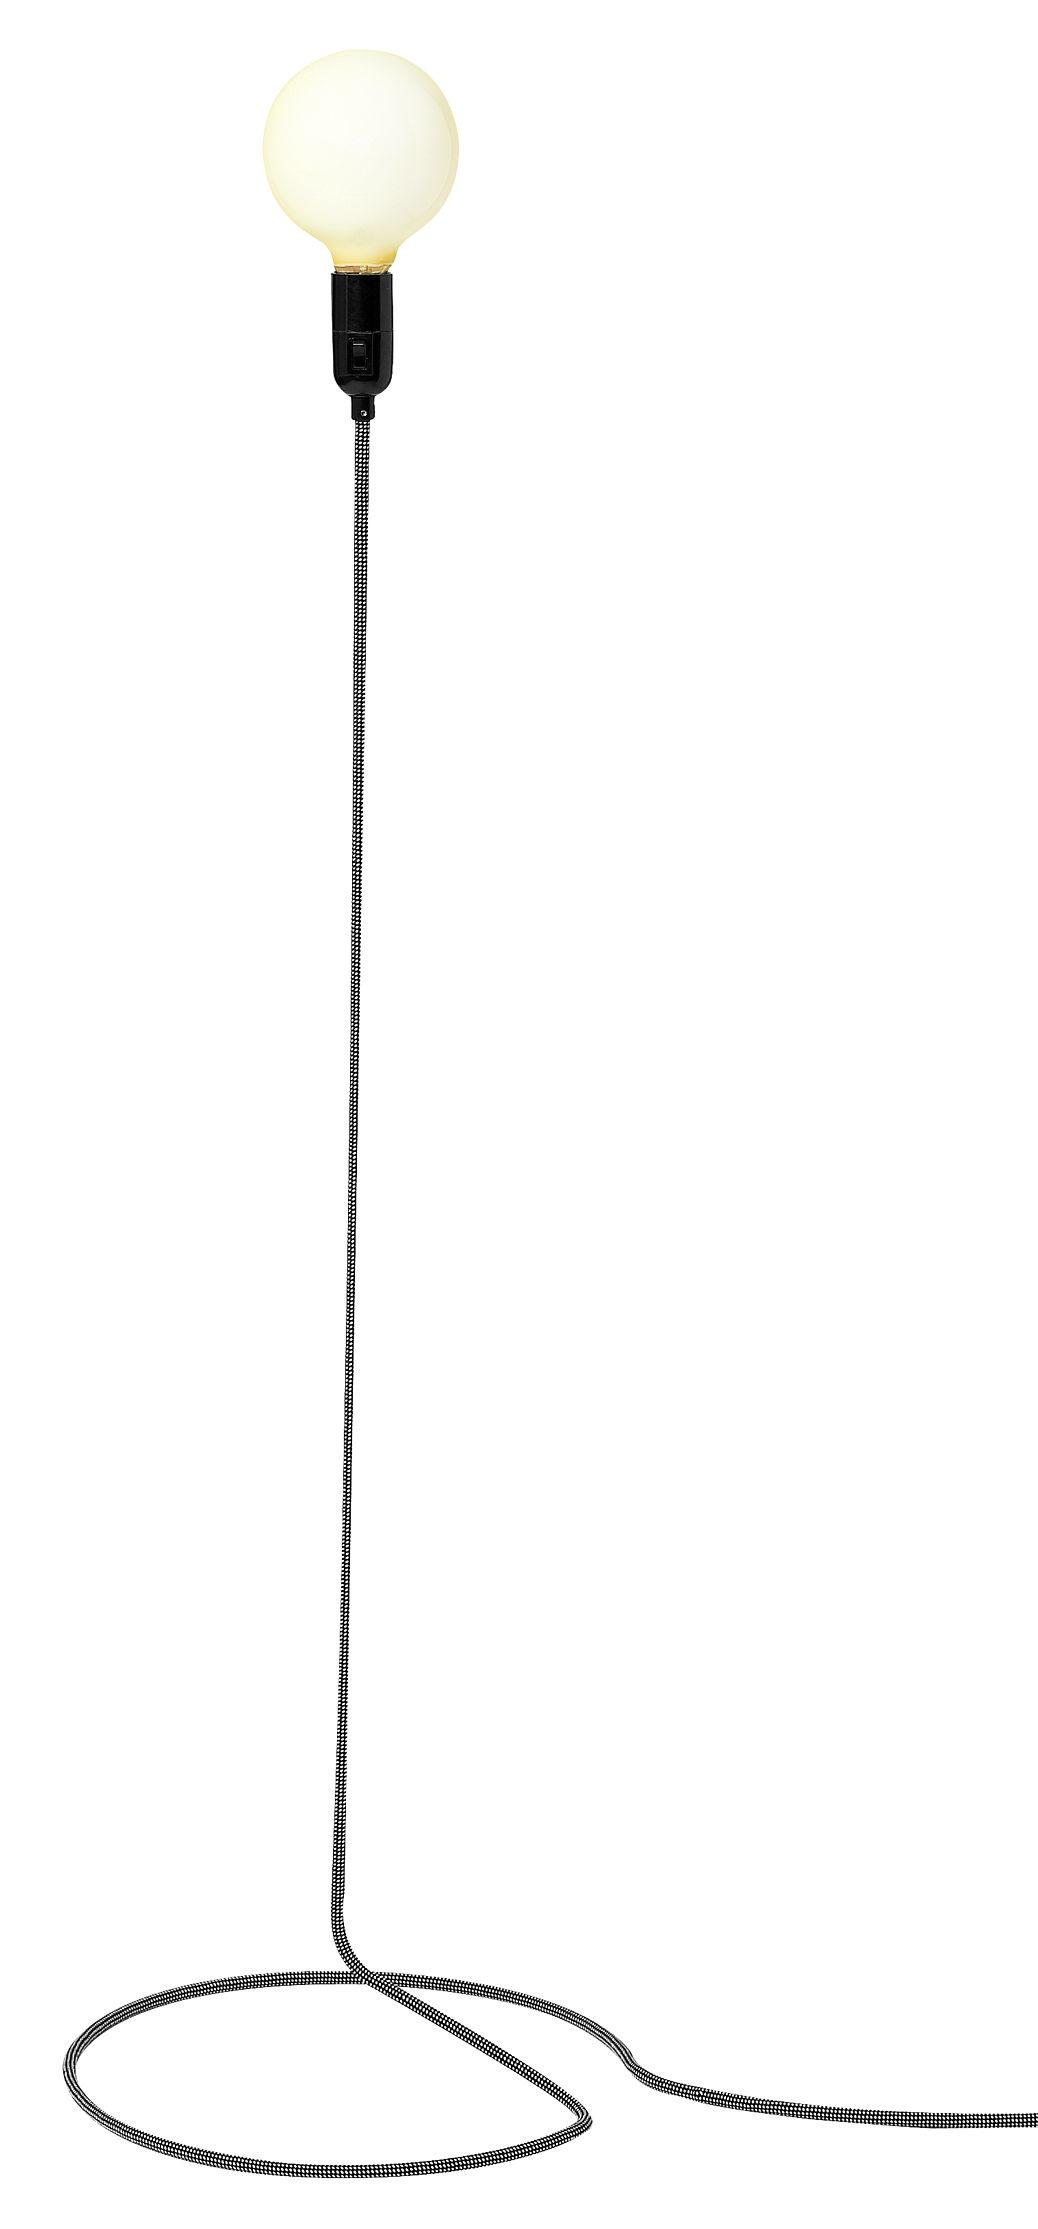 Leuchten - Stehleuchten - Cord lamp Stehleuchte - Design House Stockholm - Schwarz-weißes Kabel - Baumwolle, Stahl